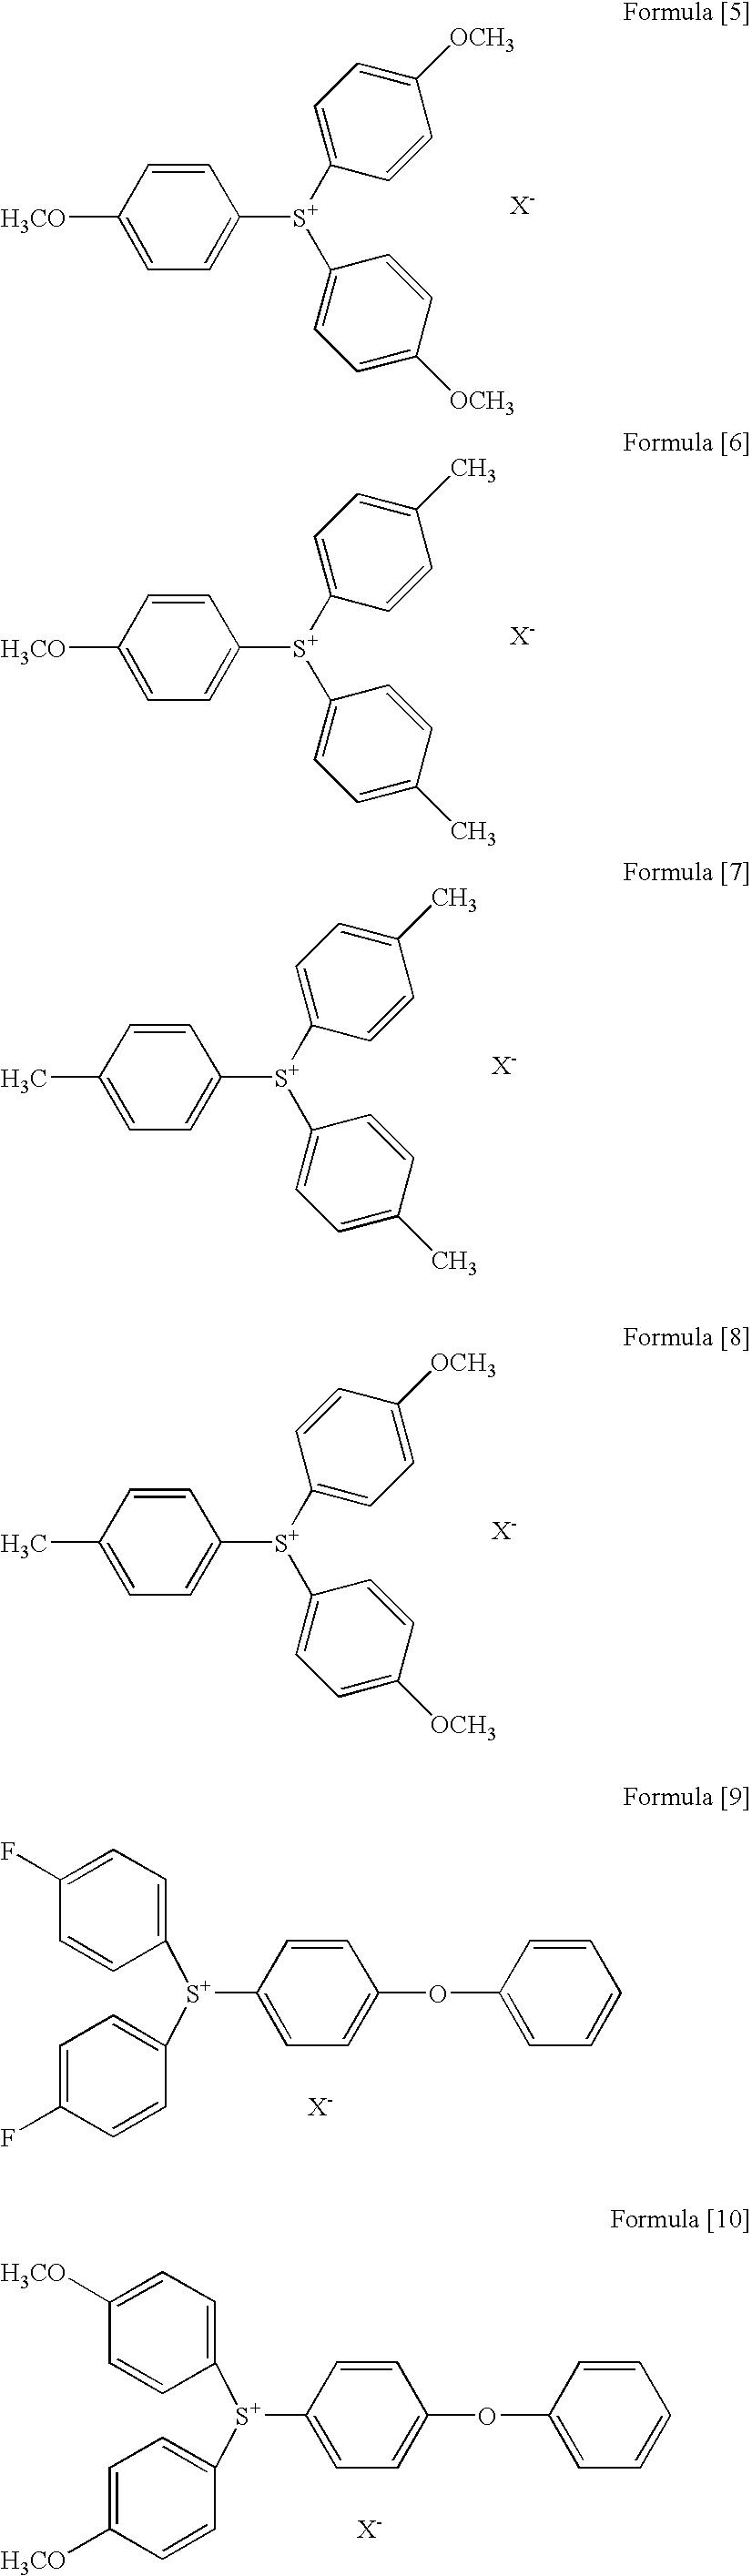 Figure US20050196697A1-20050908-C00018